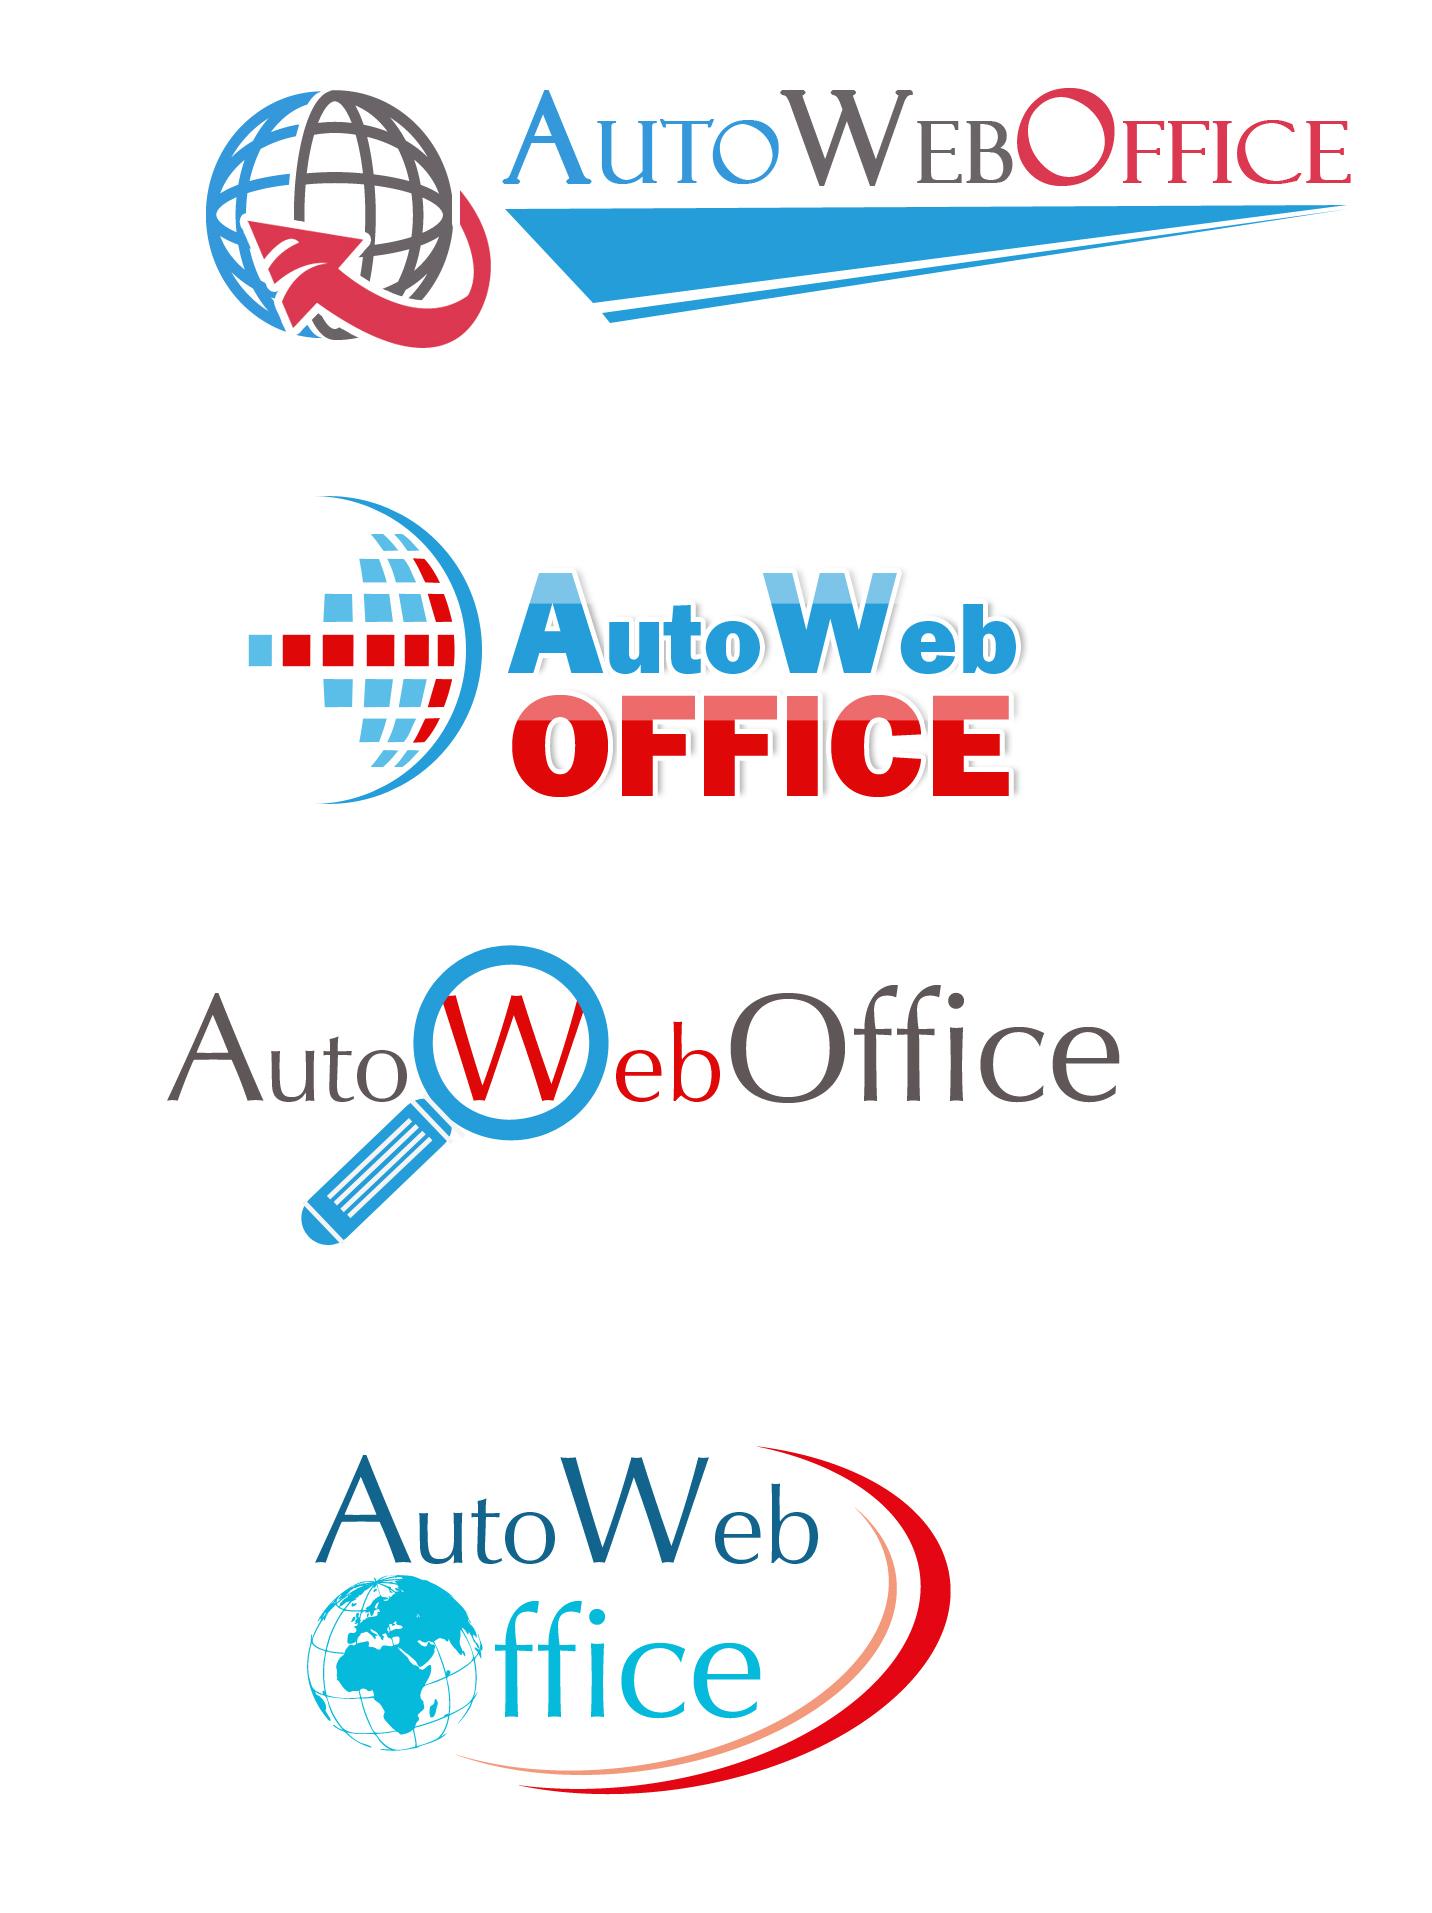 нужно разработать логотип компании фото f_9605579f57b1dd3e.jpg